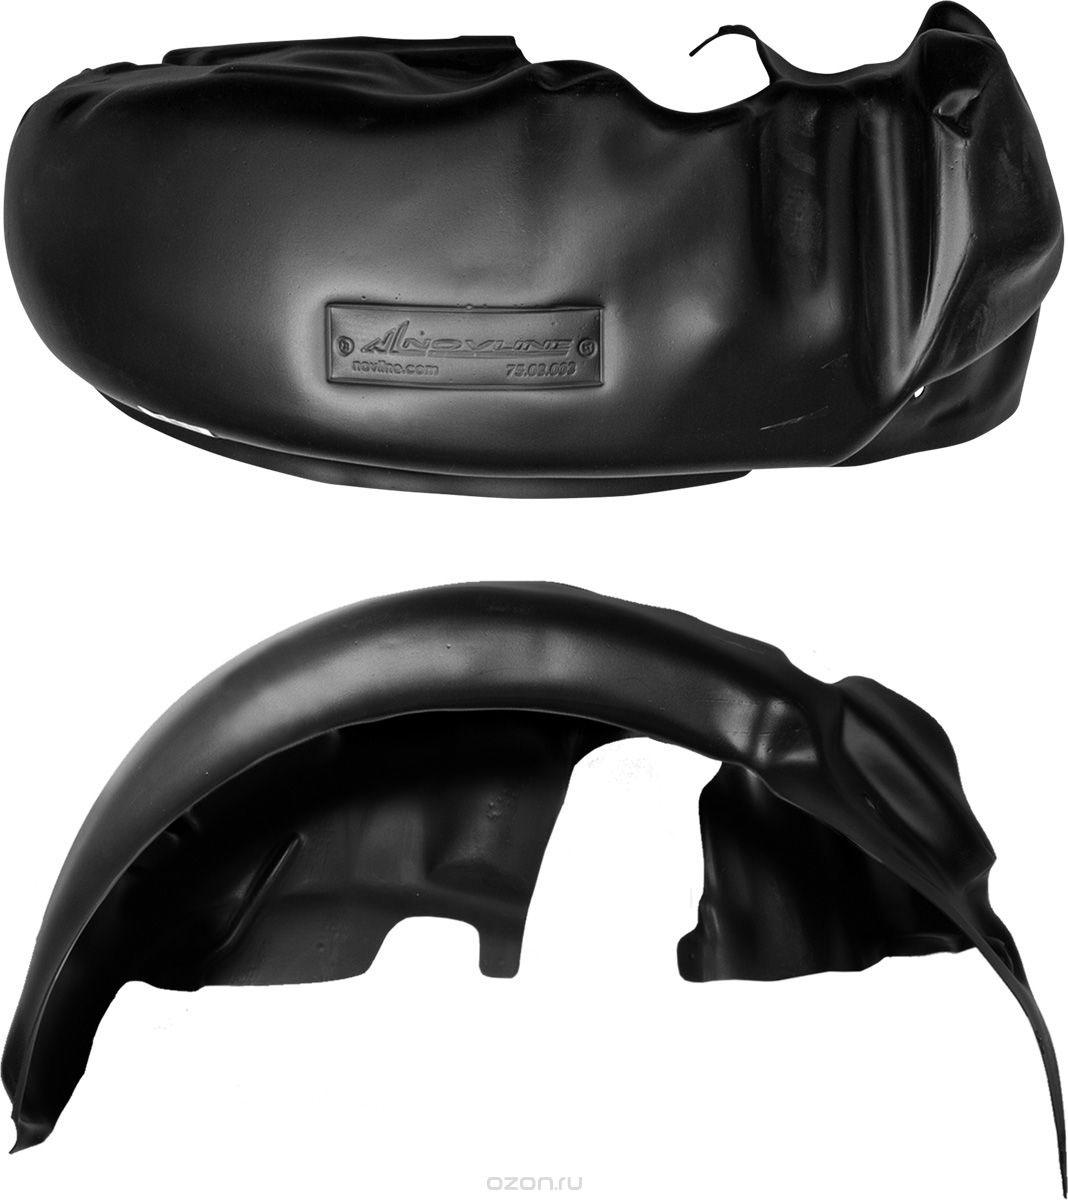 Подкрылок Novline-Autofamily, для Geely MK Cross, 2010->, задний правыйNLL.75.06.004Идеальная защита колесной ниши. Локеры разработаны с применением цифровых технологий, гарантируют максимальную повторяемость поверхности арки. Изделия устанавливаются без нарушения лакокрасочного покрытия автомобиля, каждый подкрылок комплектуется крепежом. Уважаемые клиенты, обращаем ваше внимание, что фотографии на подкрылки универсальные и не отражают реальную форму изделия. При этом само изделие идет точно под размер указанного автомобиля.